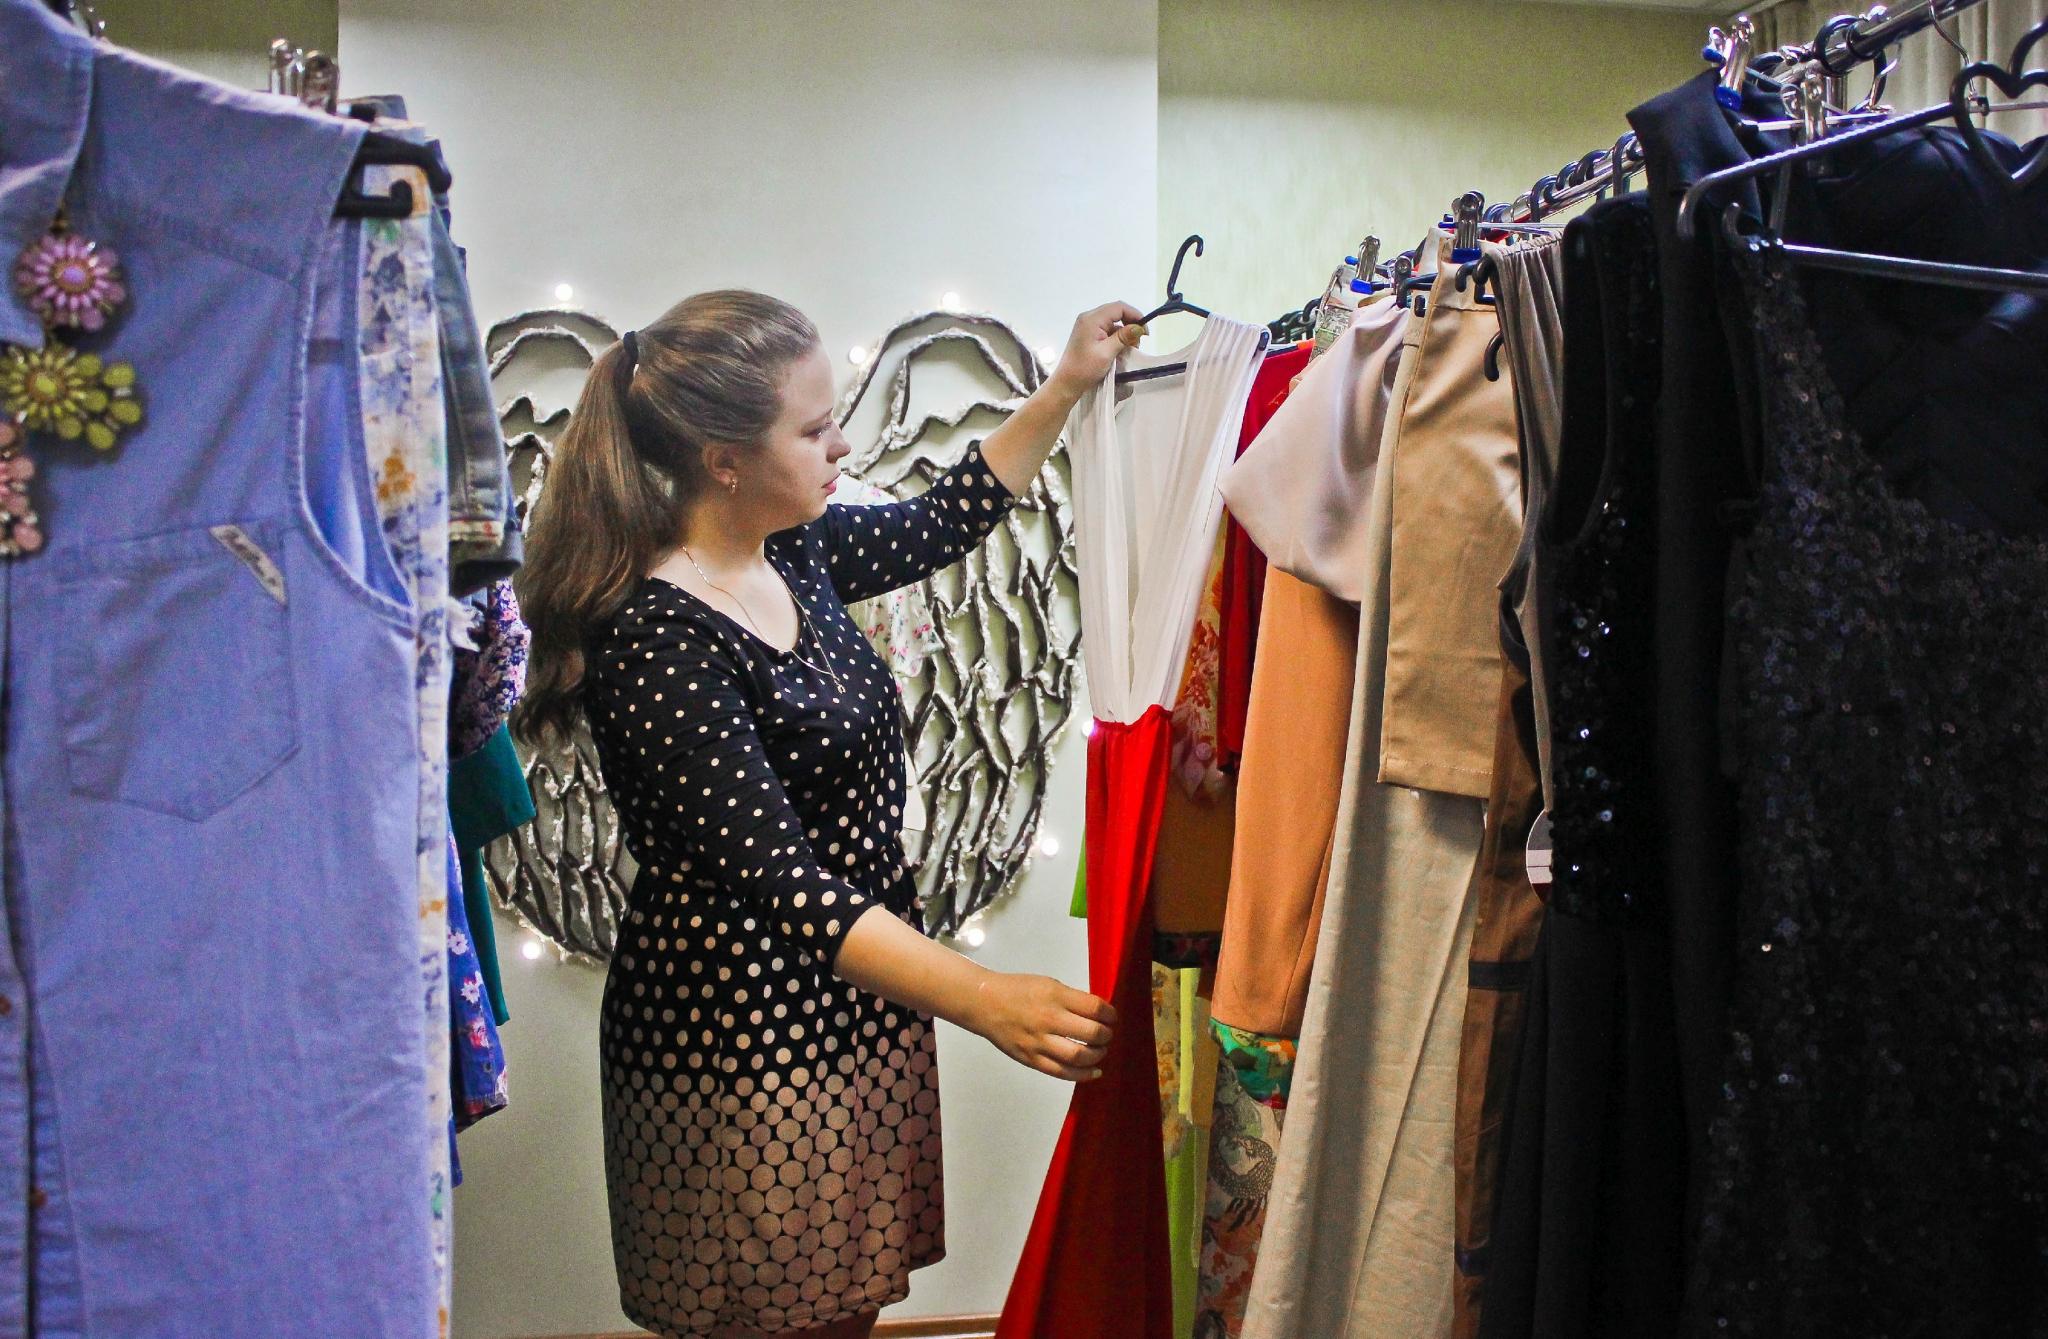 В Чепецке подростки обокрали магазин одежды для мам